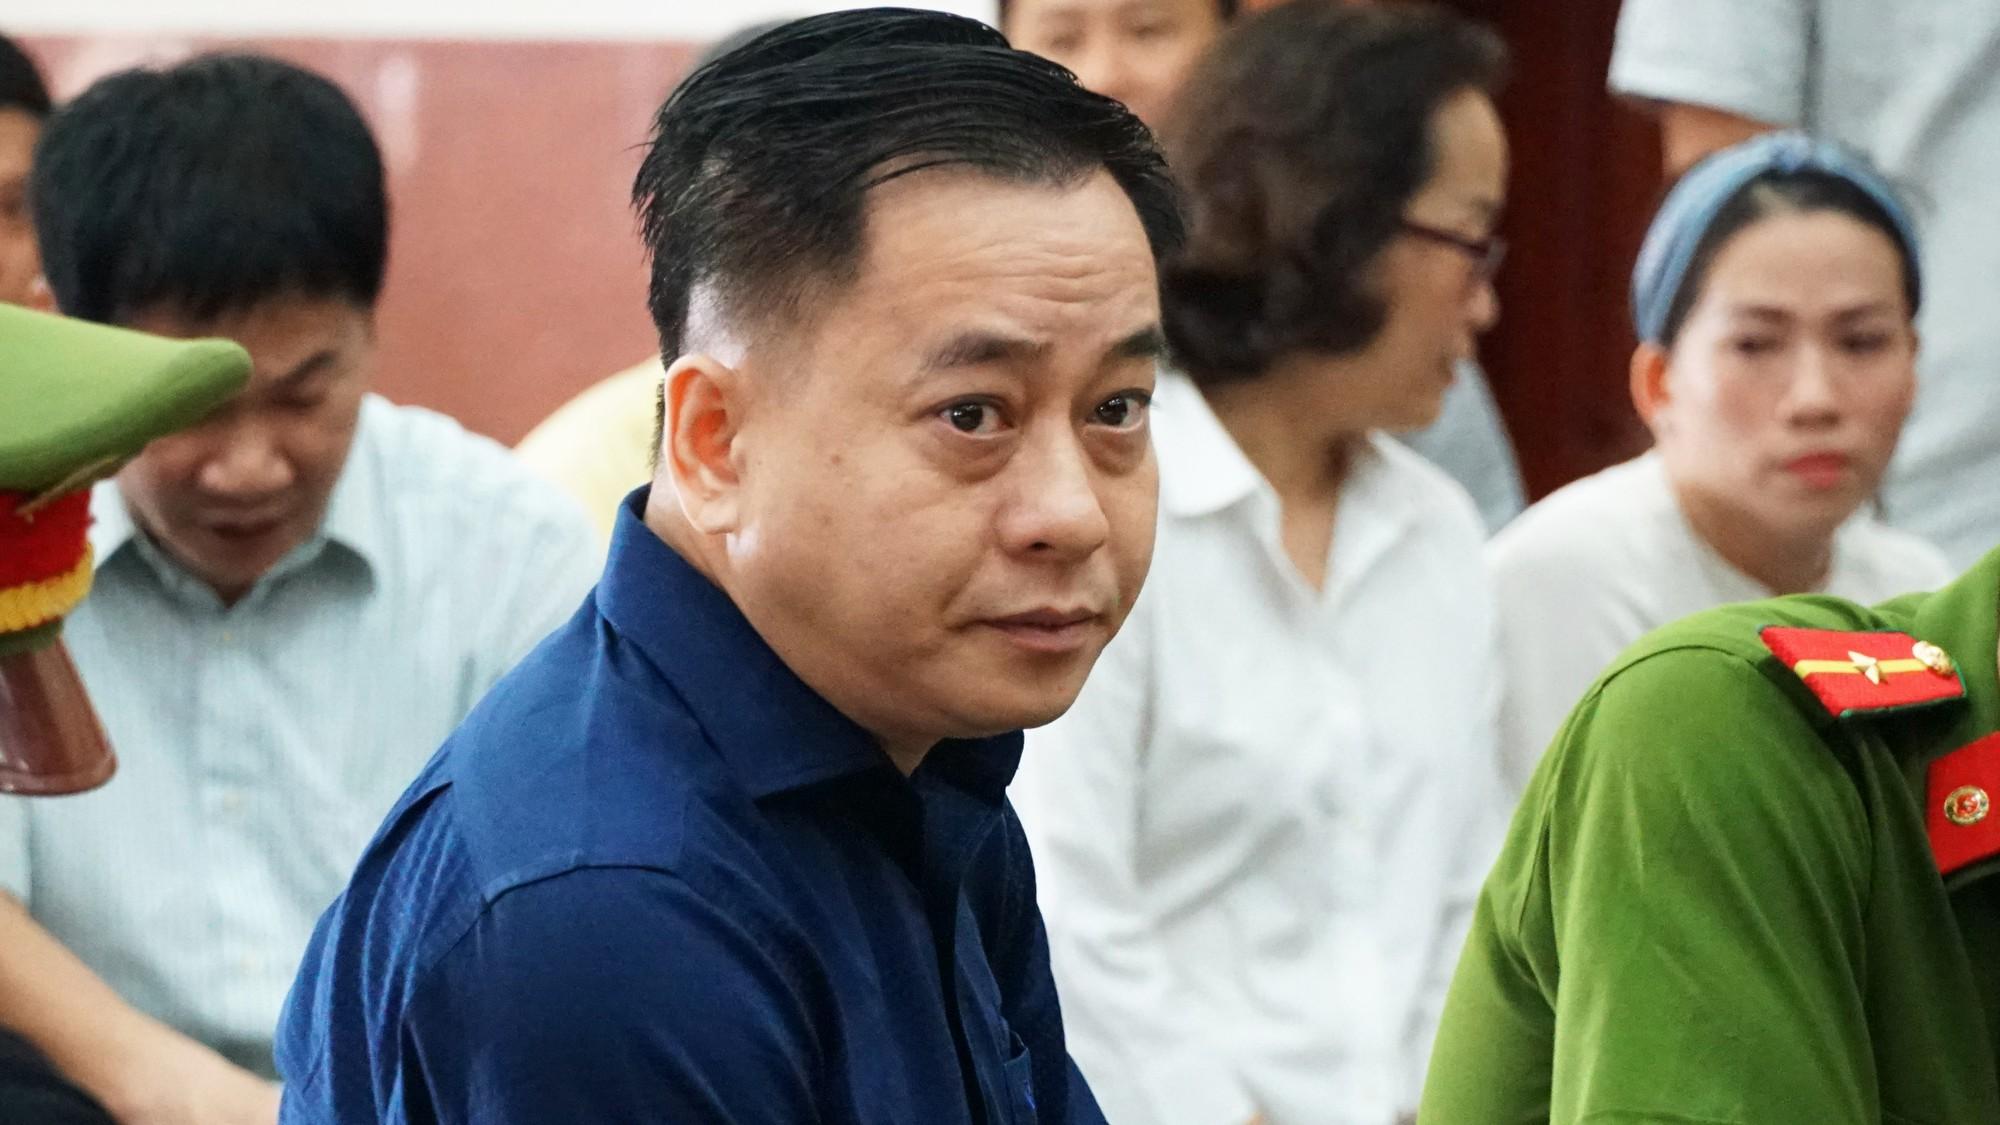 Hàng loạt luật sư vắng mặt, tòa hoãn xử phúc thẩm Vũ nhôm trong đại án ngân hàng Đông Á - Ảnh 1.